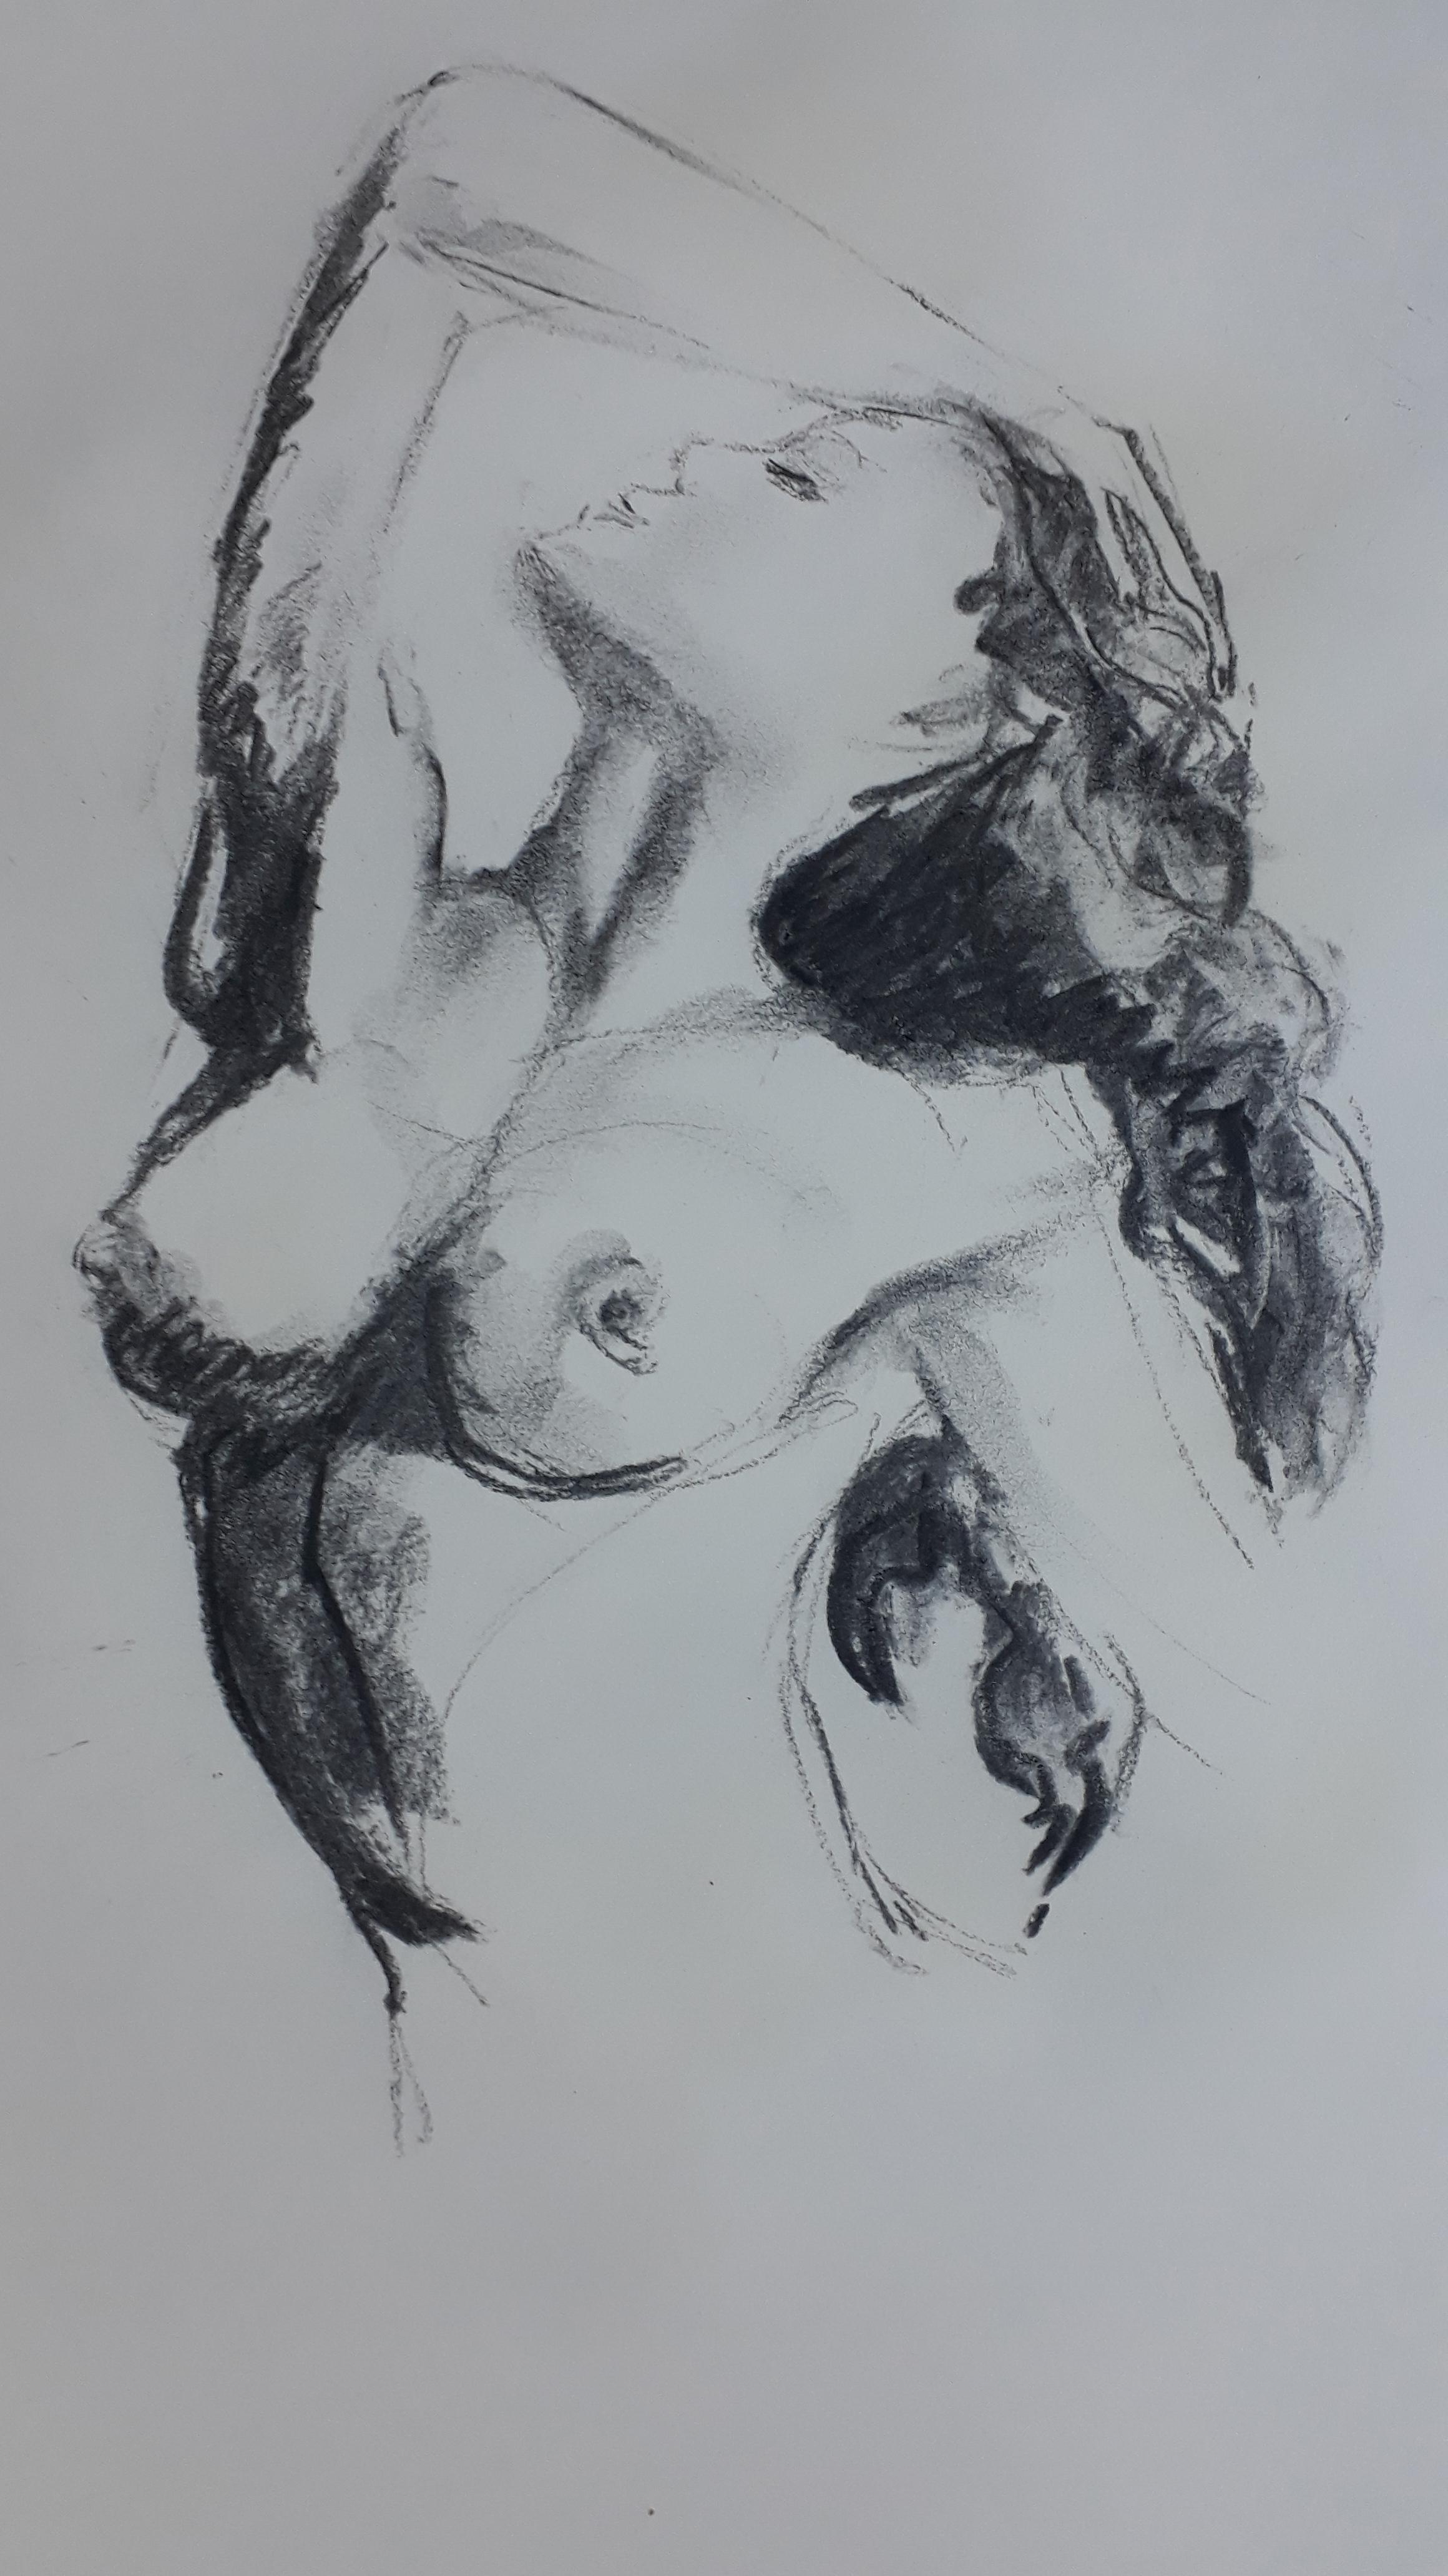 Buste femme fusain sur papier  cours de dessin